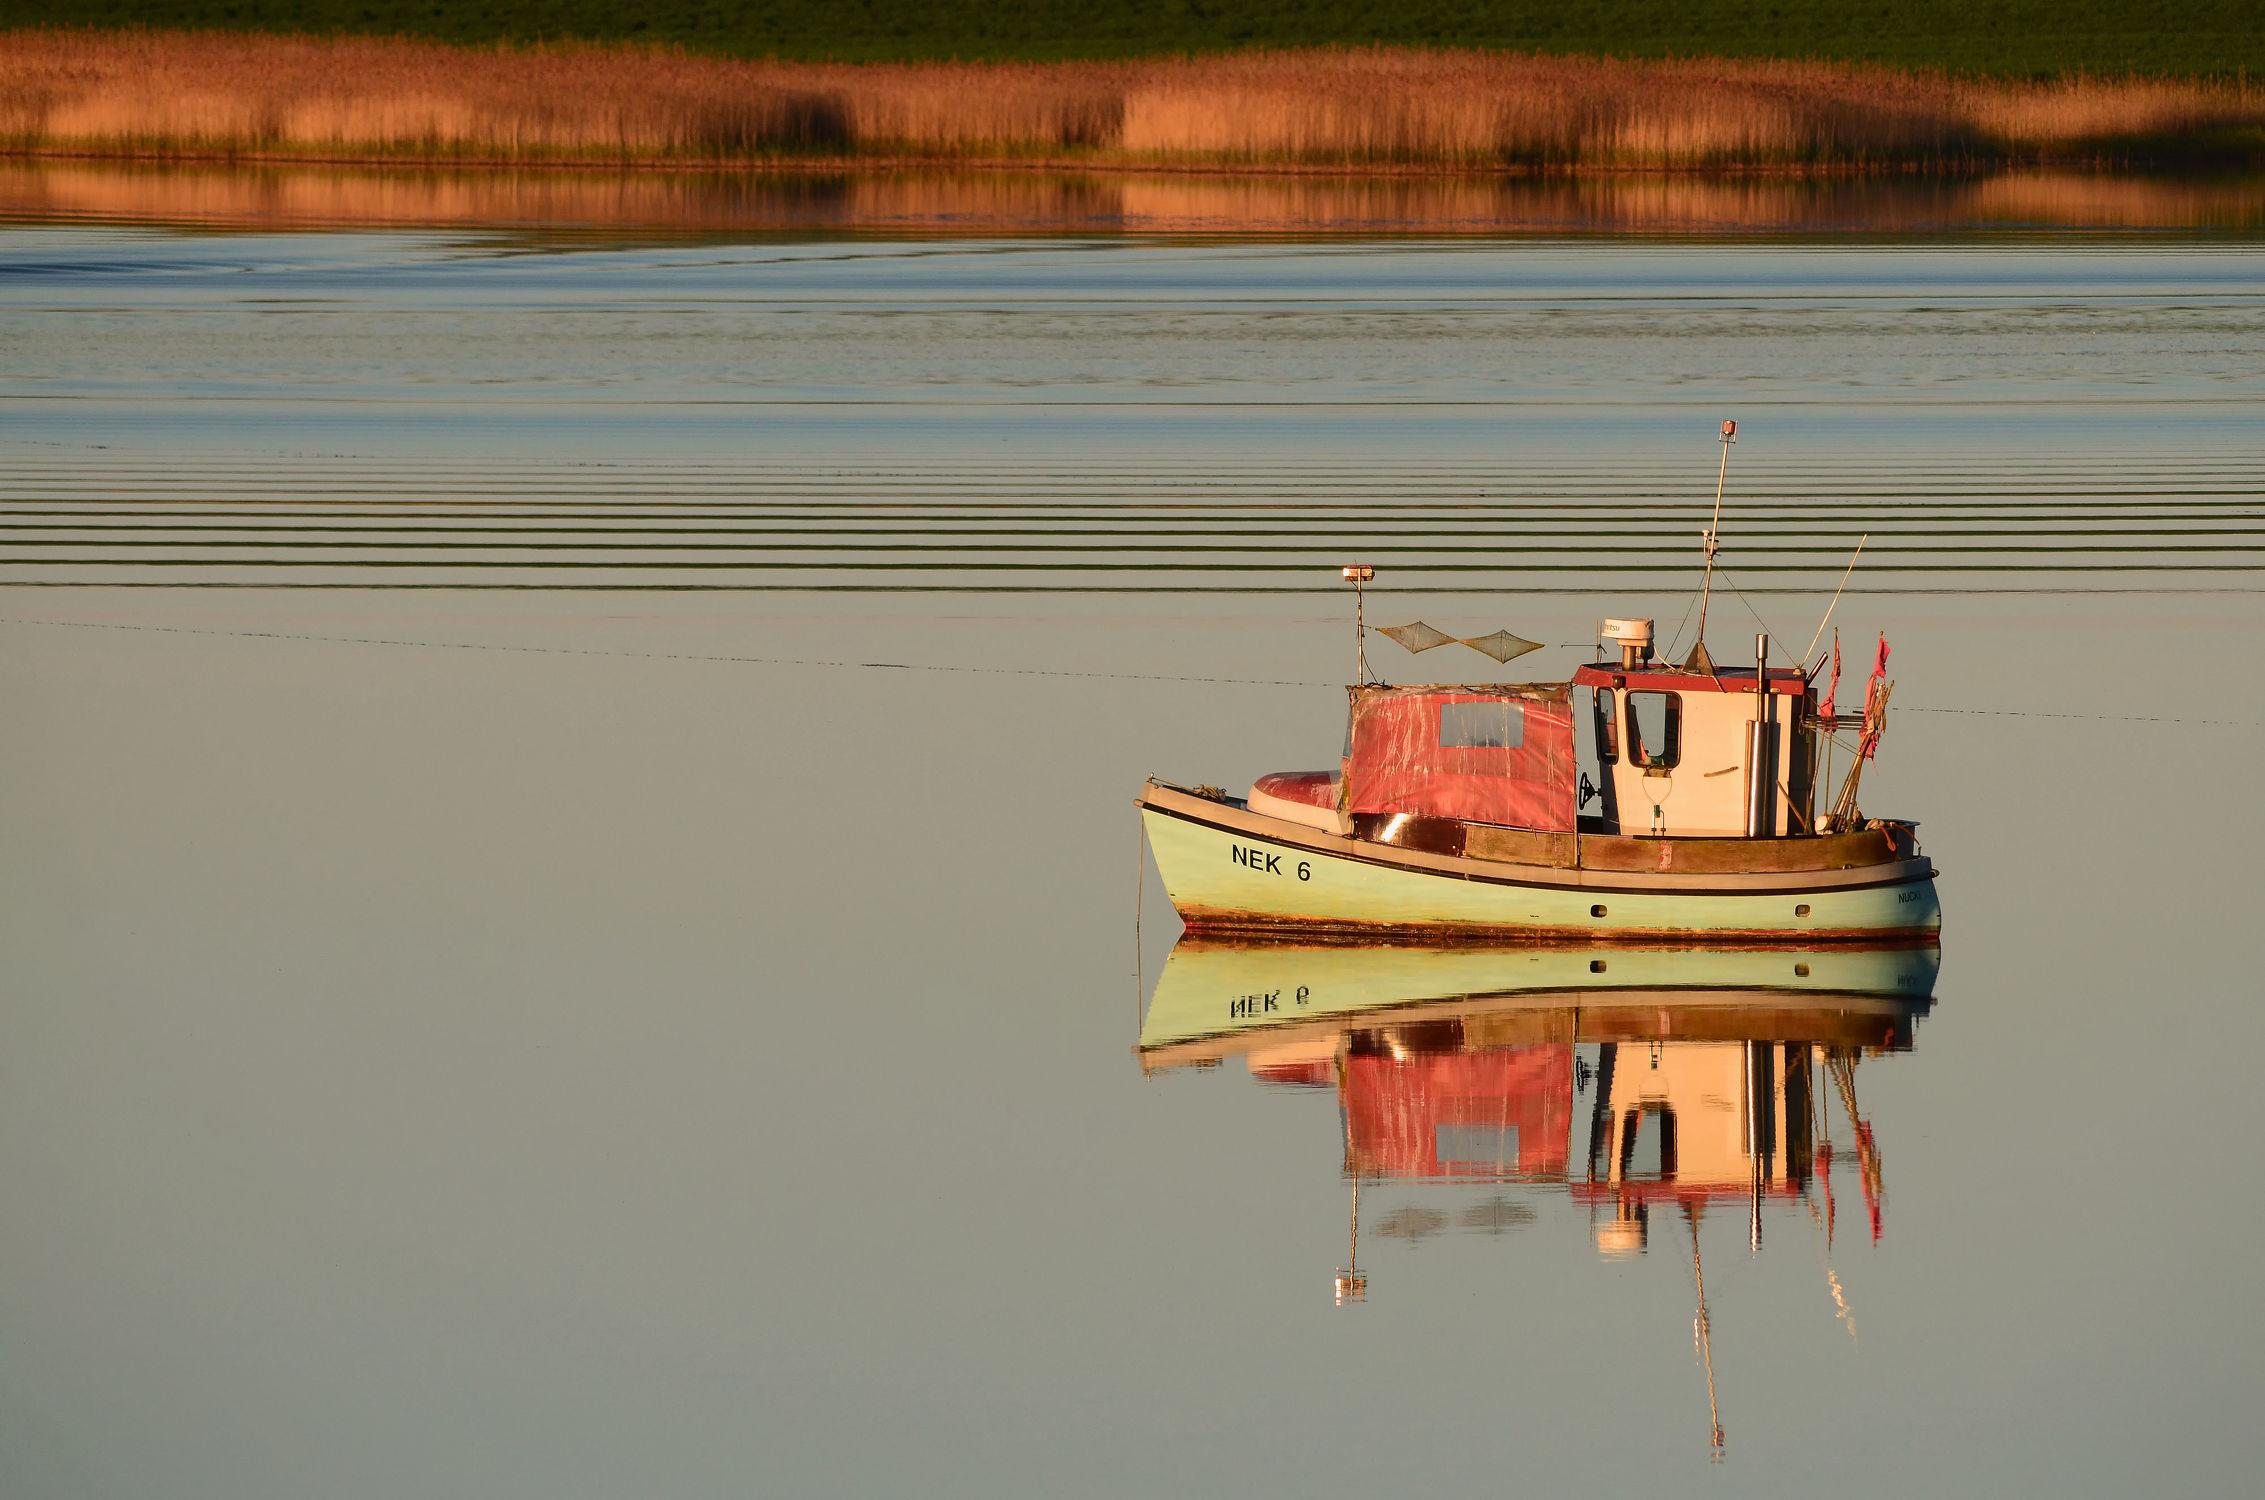 Bild mit Sonnenuntergang, Sport, Schilf, Meerblick, boot, Meer, Ausspannen, Abendstille, Bodden, reet, Rügen, Angler, Ufer, Röhrricht, Wasserwellen